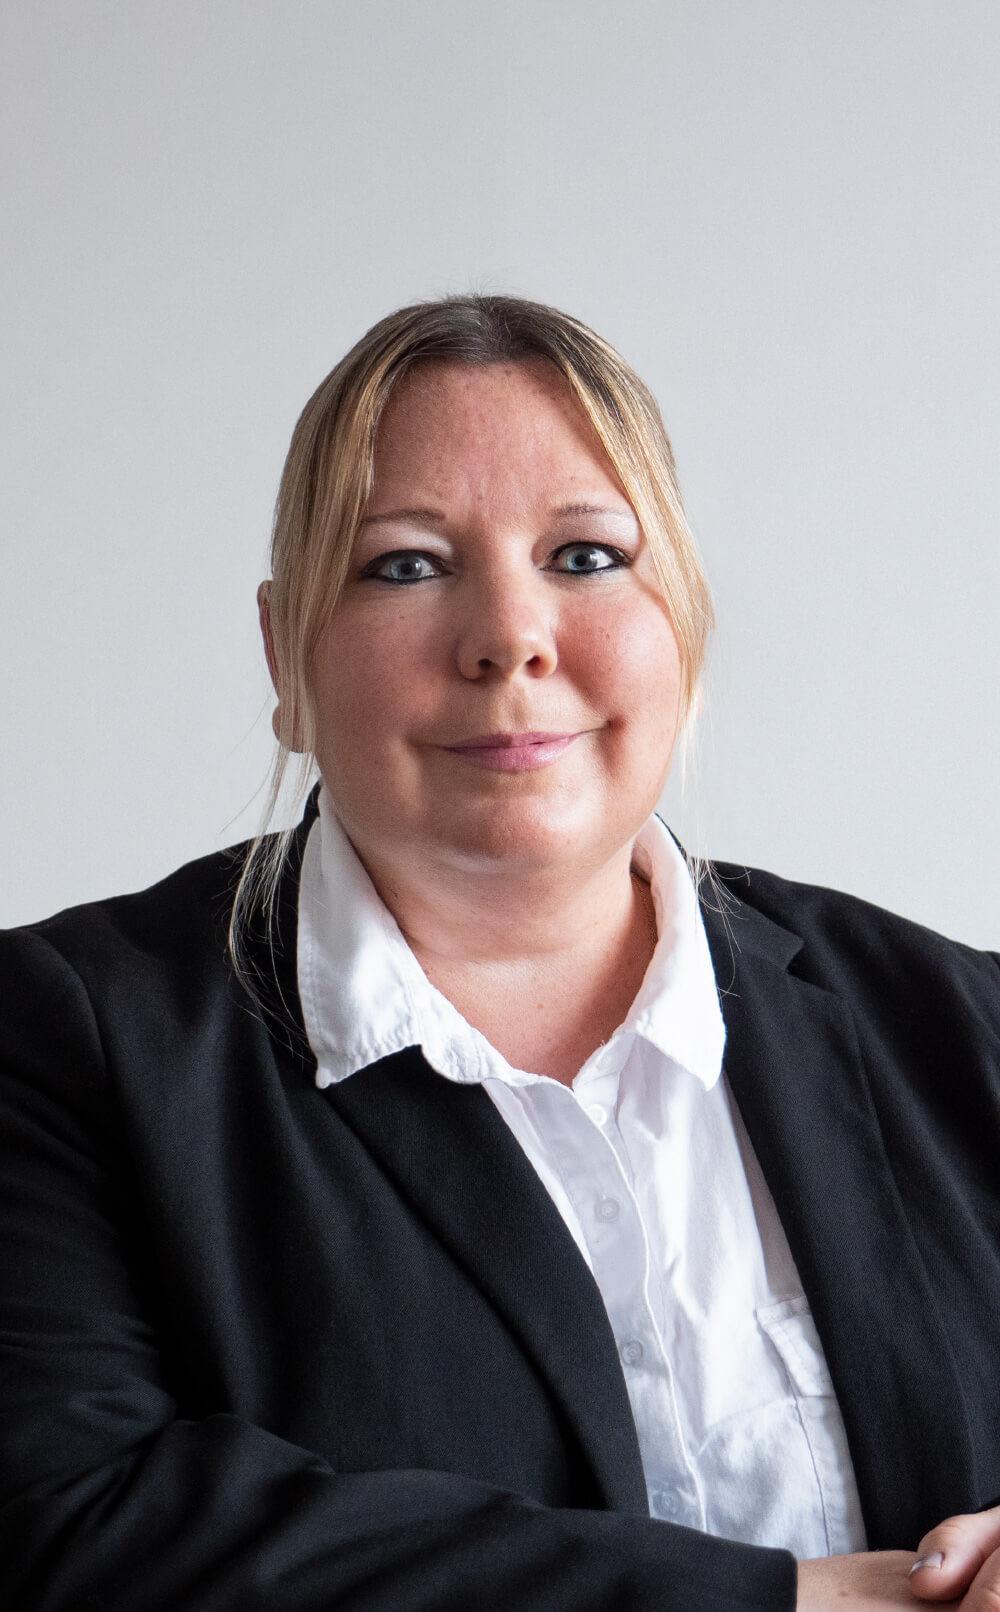 Profil Melanie Scharf